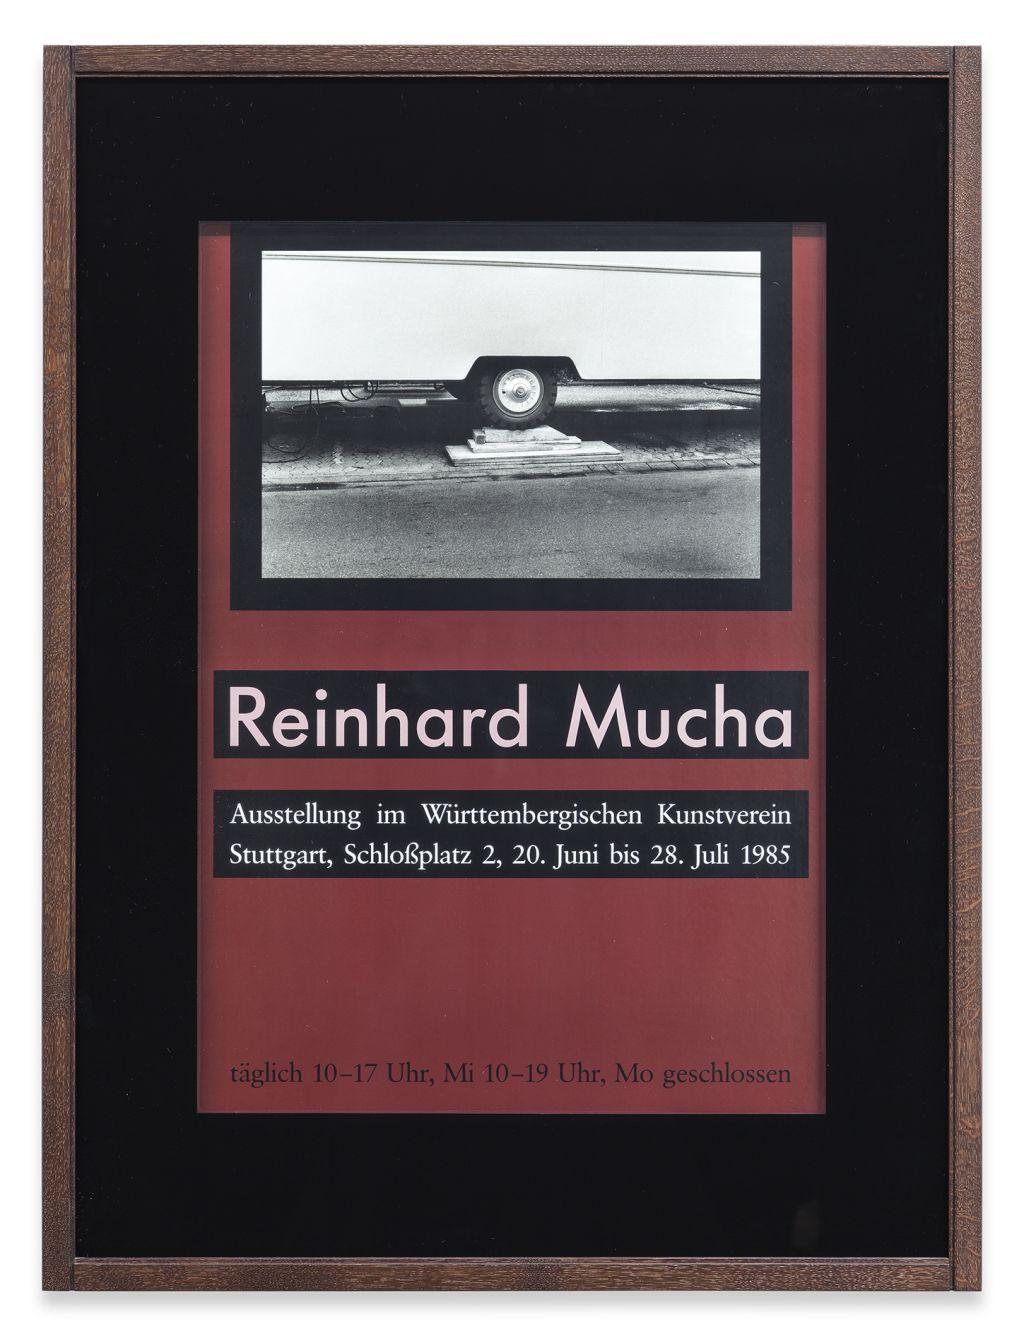 Reinhard Mucha